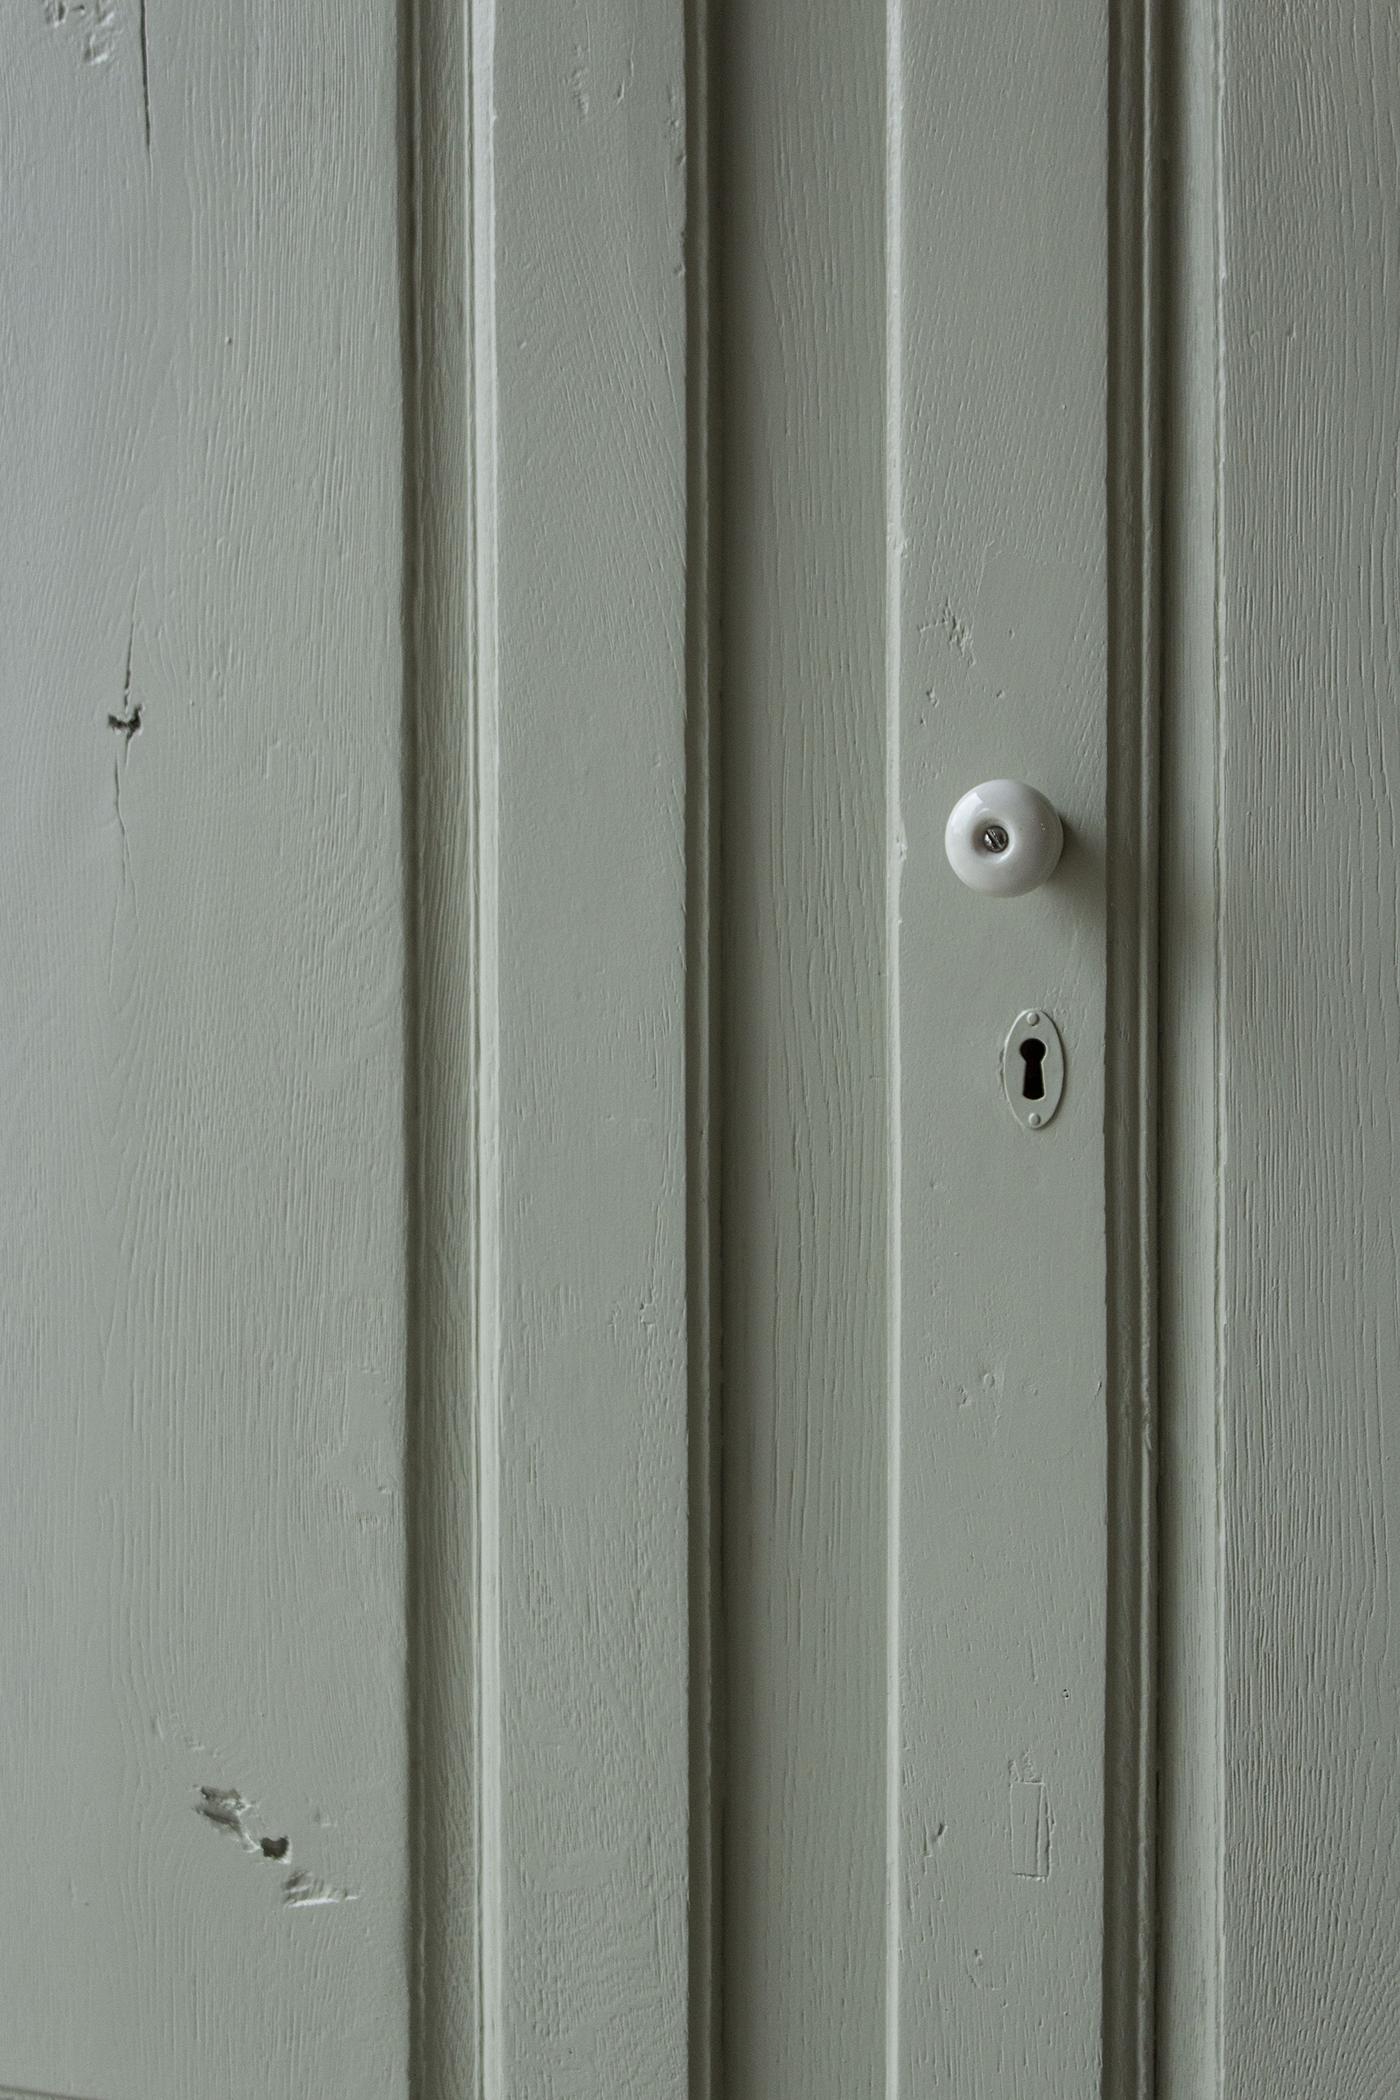 1329 - zachtgroen vintage kastje - Firma zoethout_3.jpg